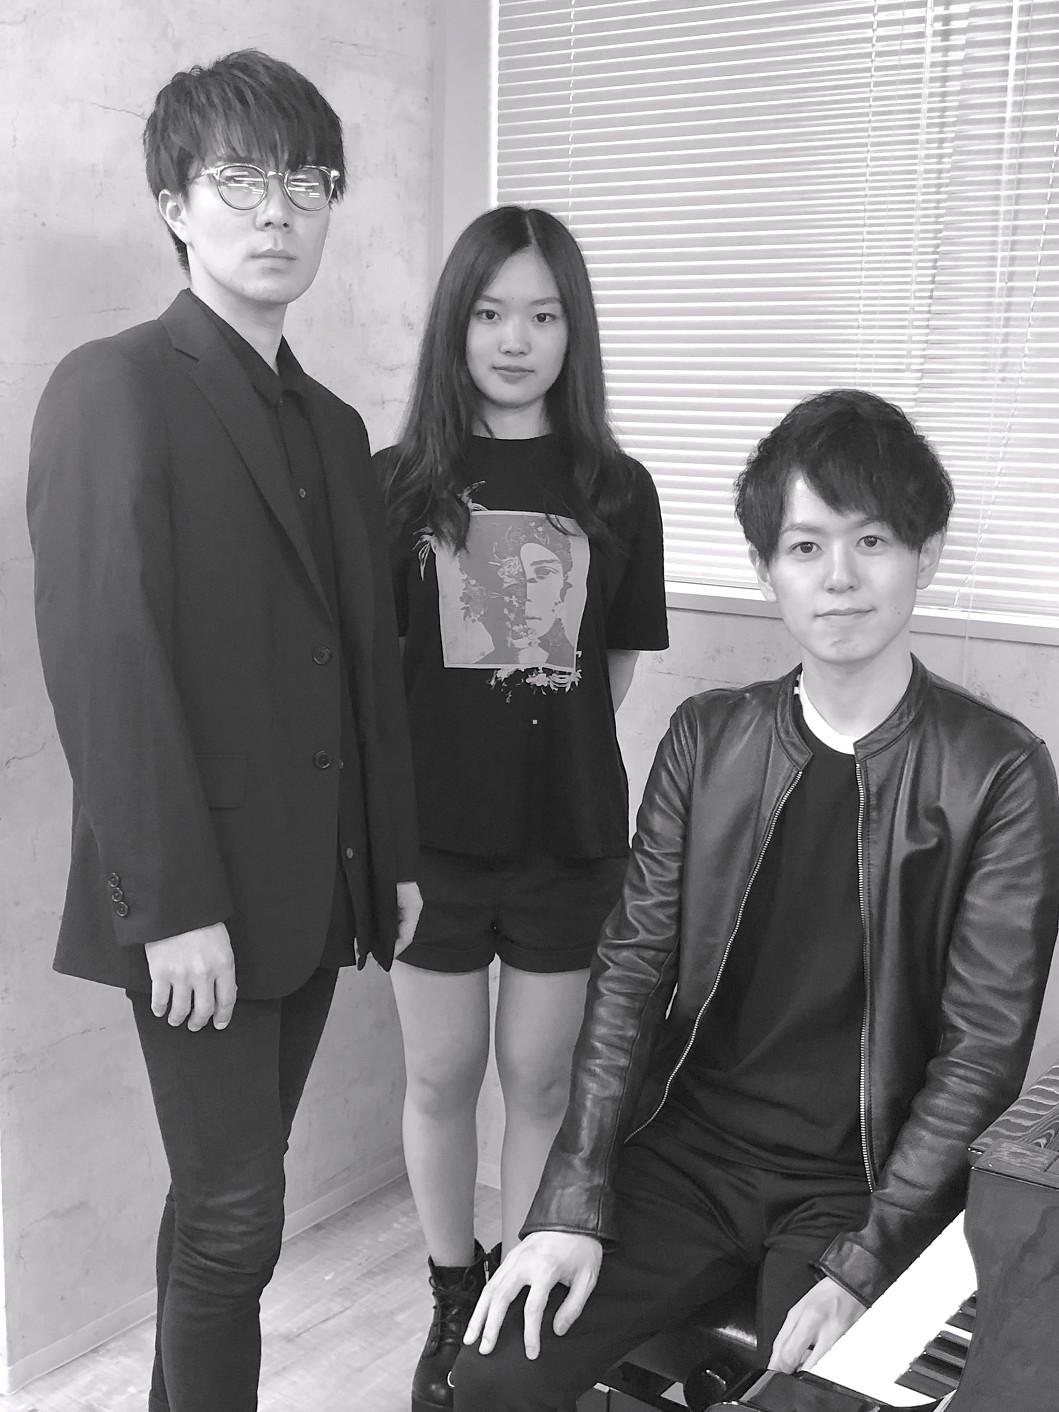 「はるひの with DODOWAKA」万葉集×EDMで話題のデビュー曲を再構築し、伊勢丹新宿店オリジナル盆踊りが誕生サムネイル画像